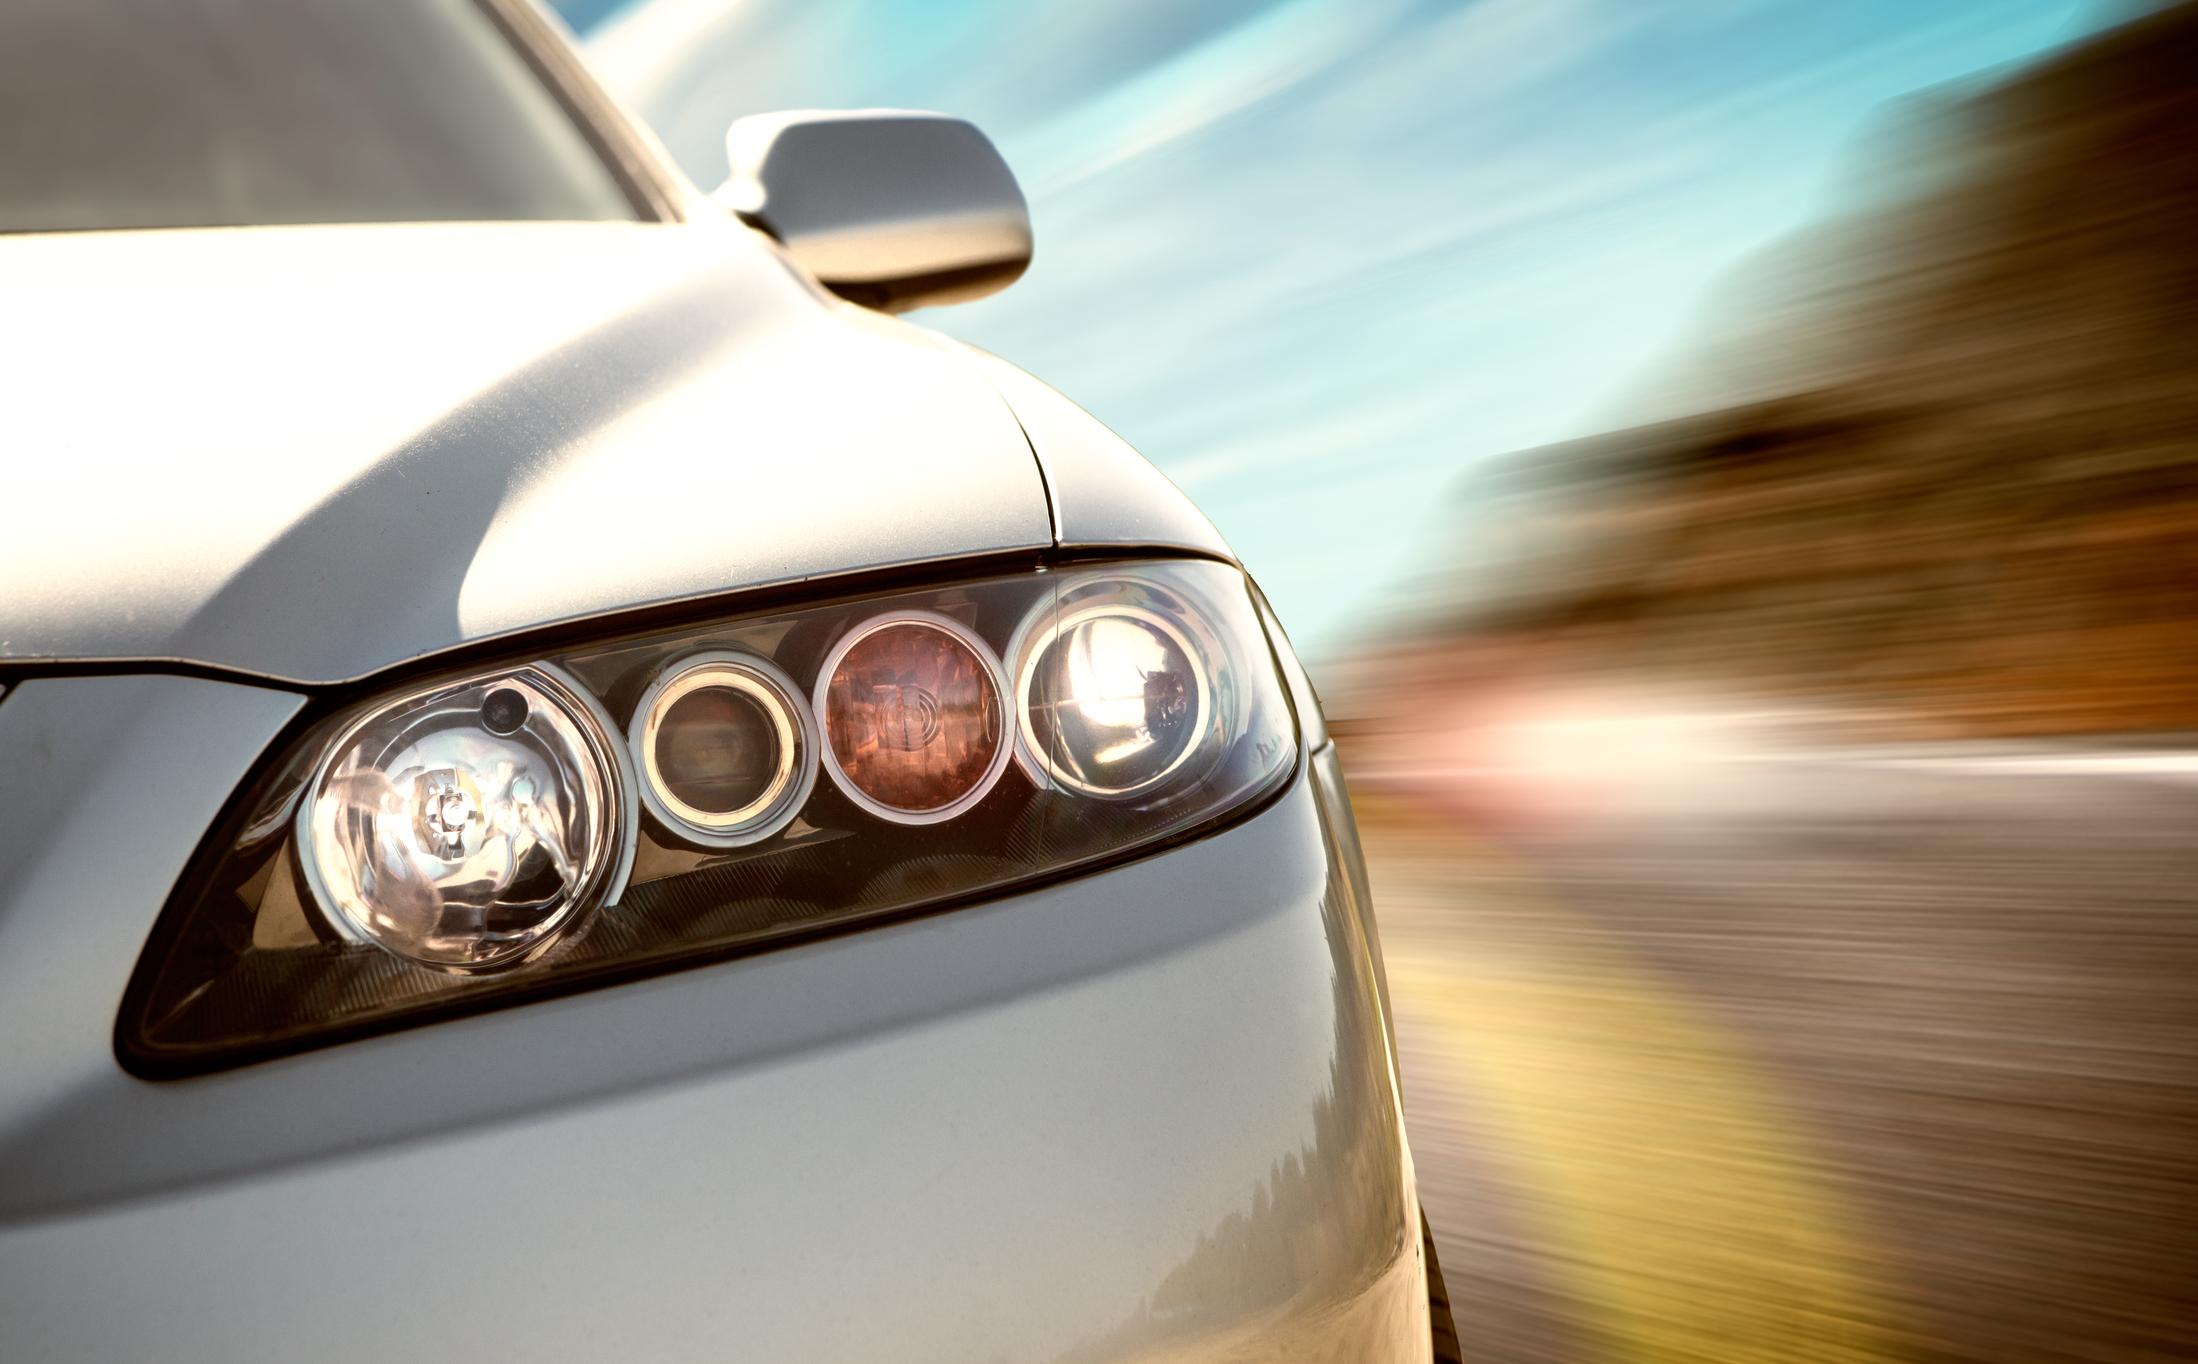 Segurança rodoviária: cuidados com os faróis